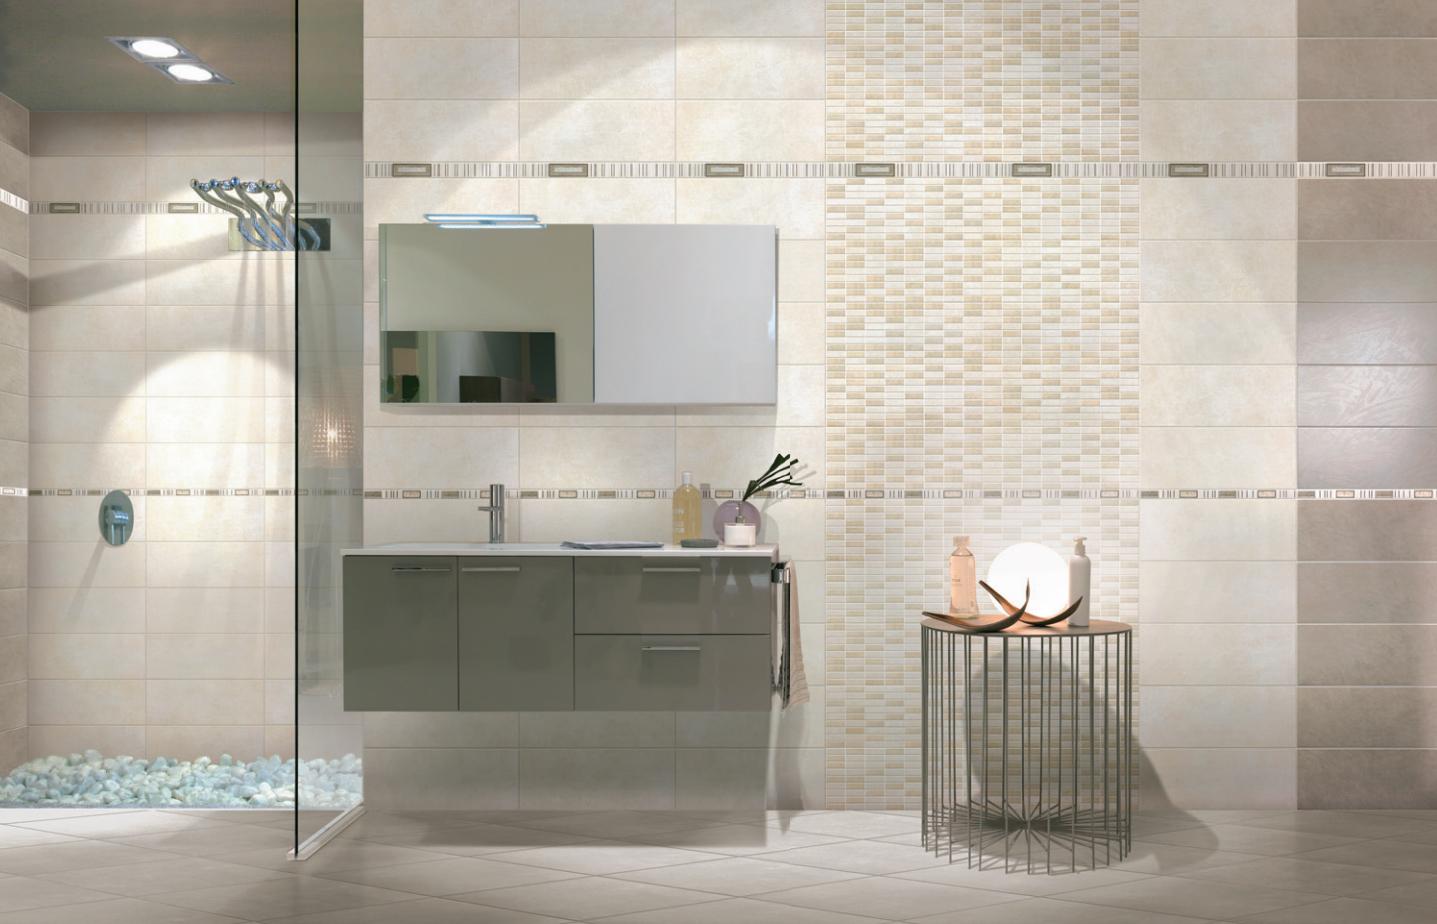 Piastrelle ceramica pavimento rivestimento bagno moderno - Piastrelle per bagno moderno ...